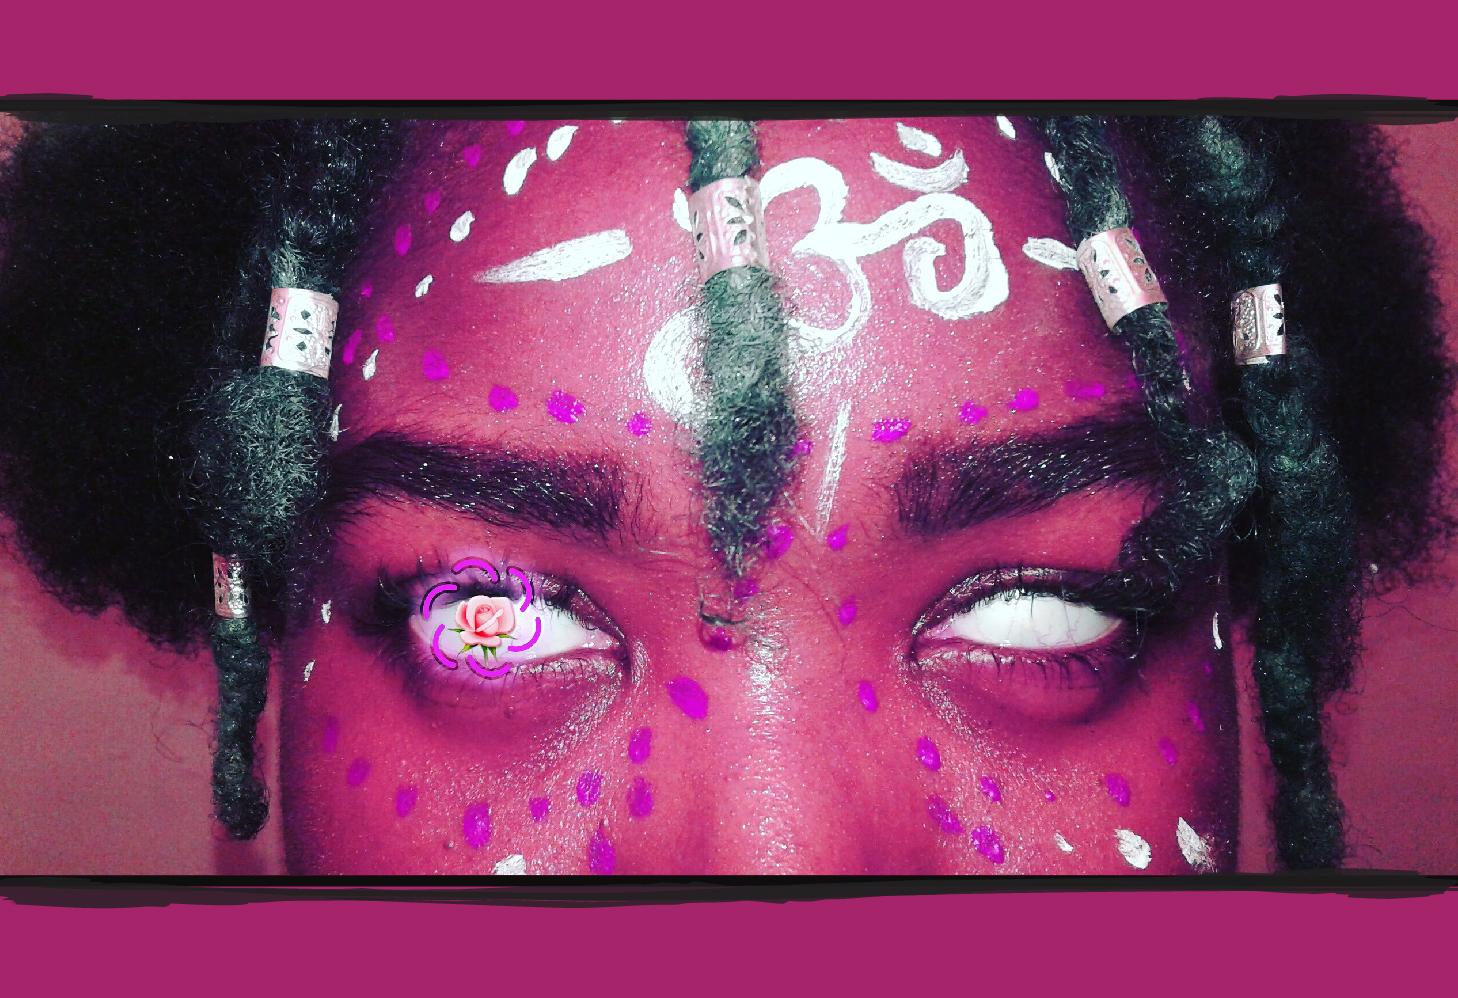 Student Exhibition: Teen ArtForce